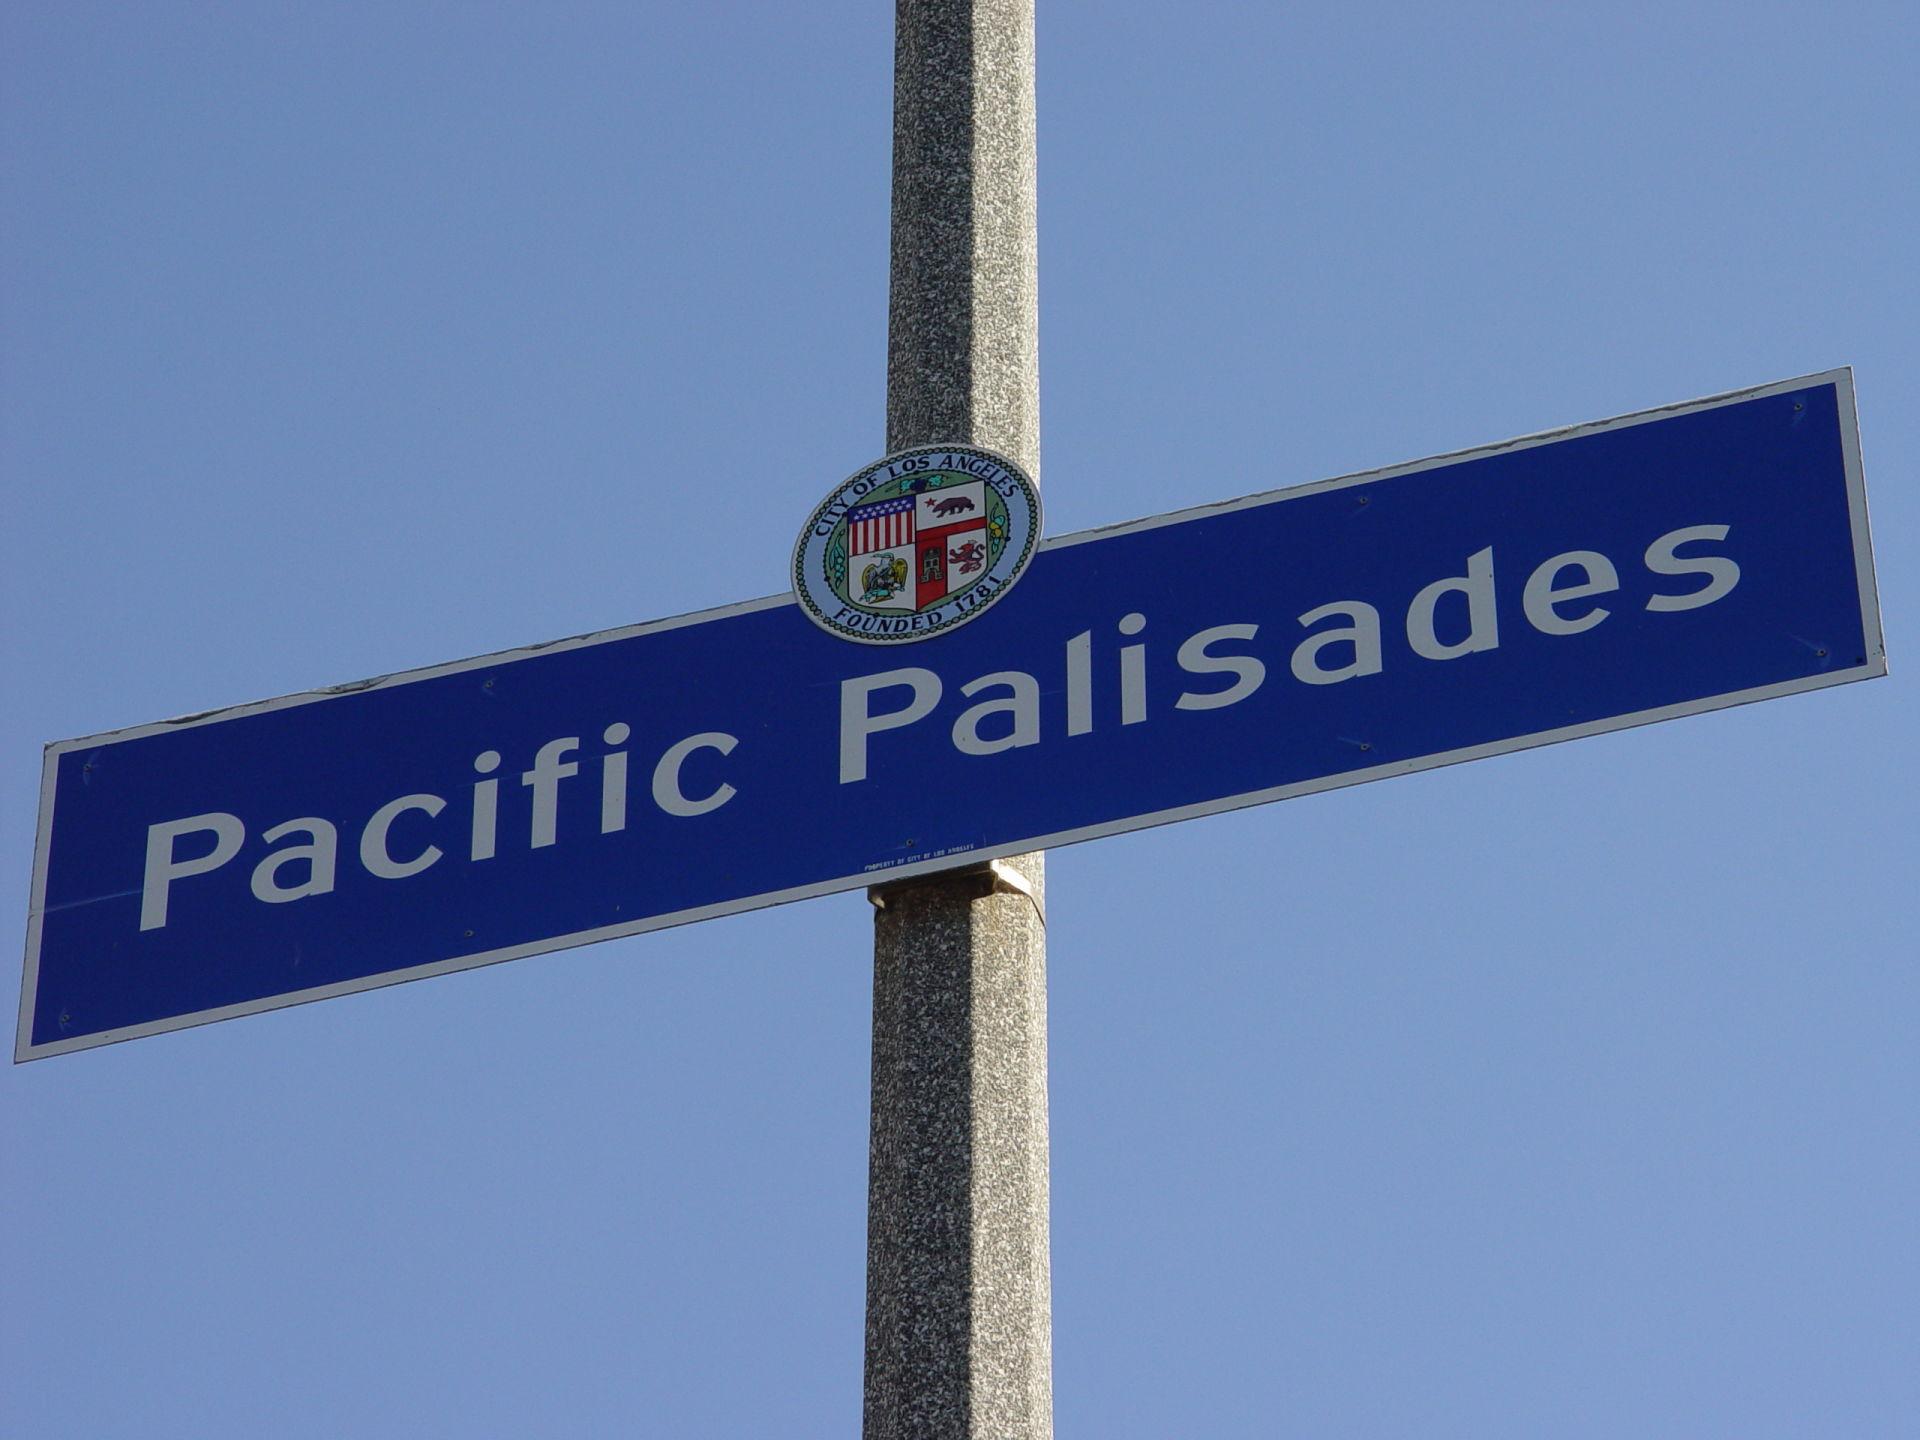 Pacific Palisades